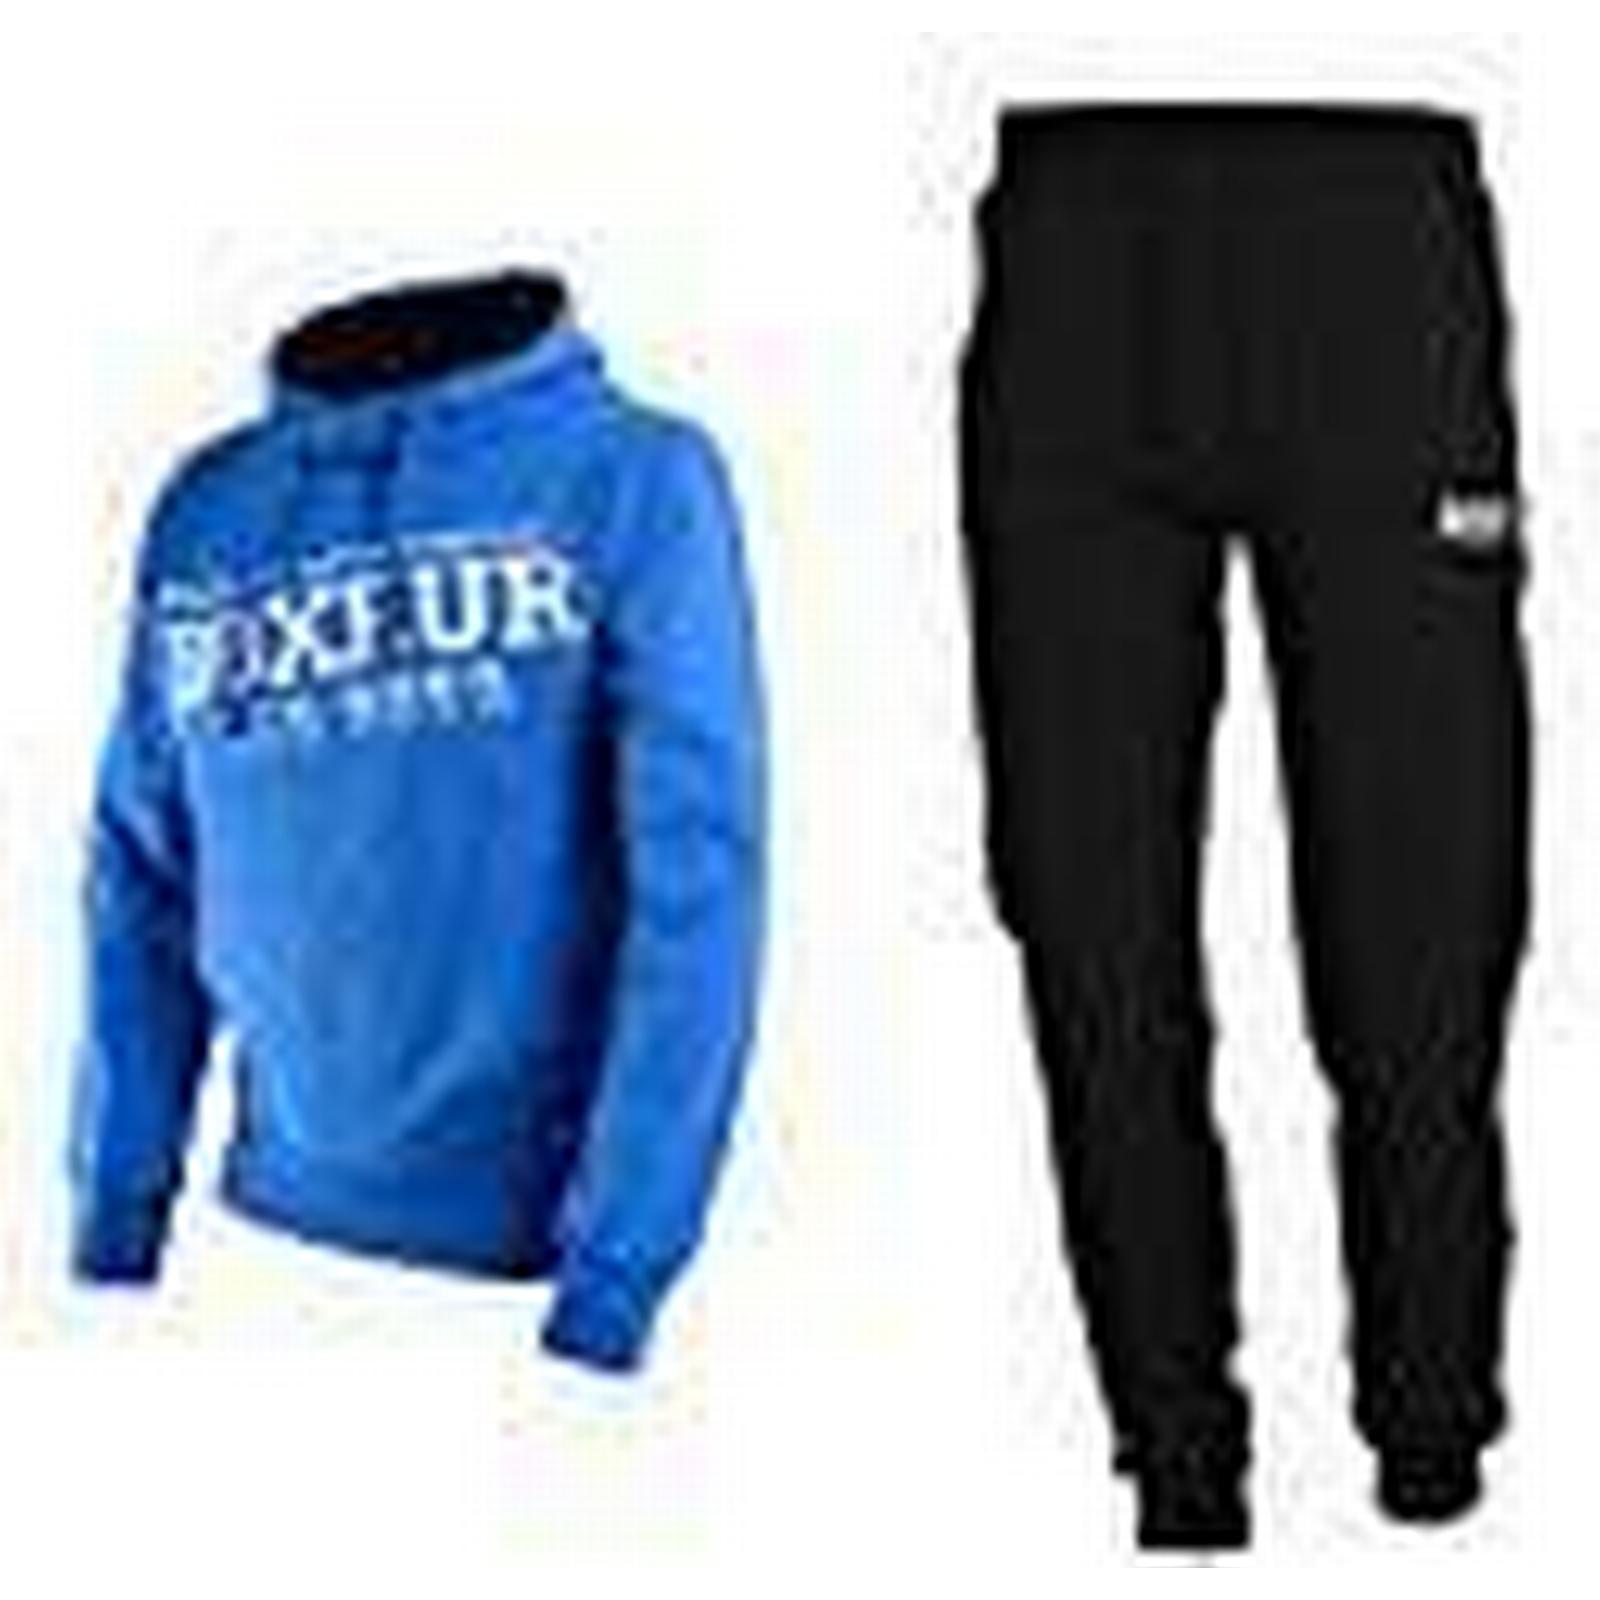 Boxeur Des - Rues Men BXT-T100 Suit - Des Royal, Large 4e25c9